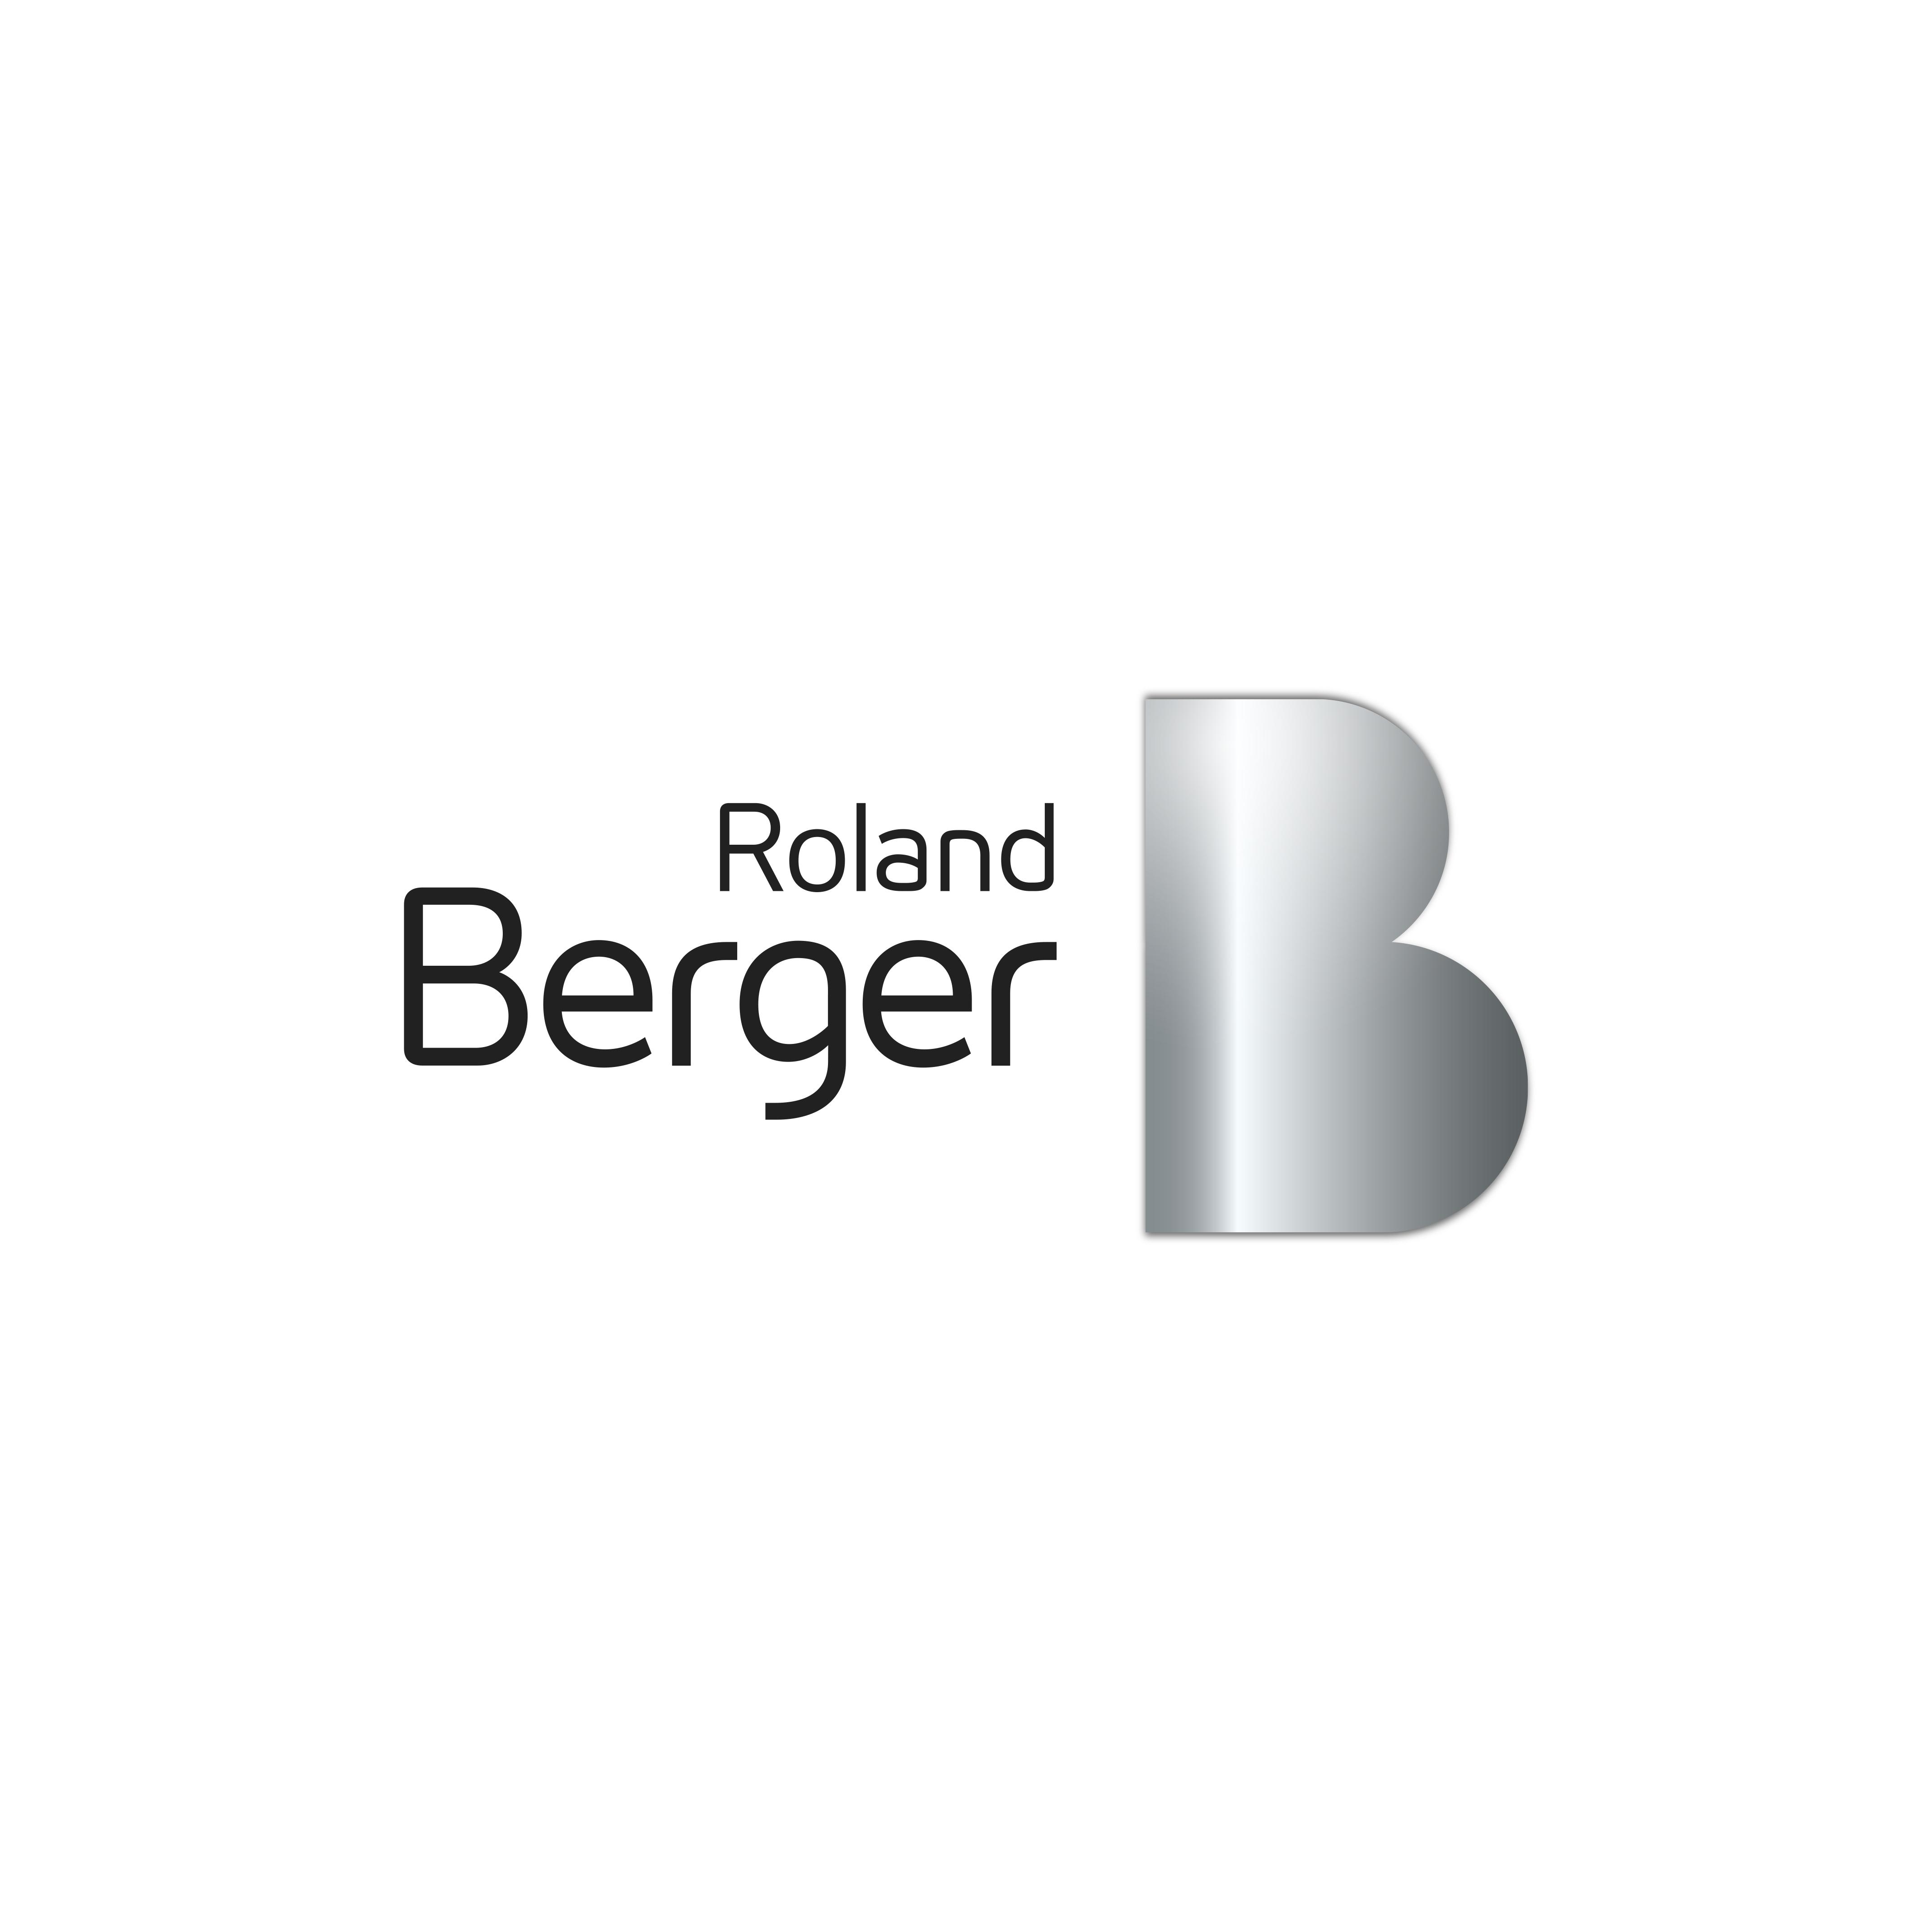 Roland Berger Warsaw